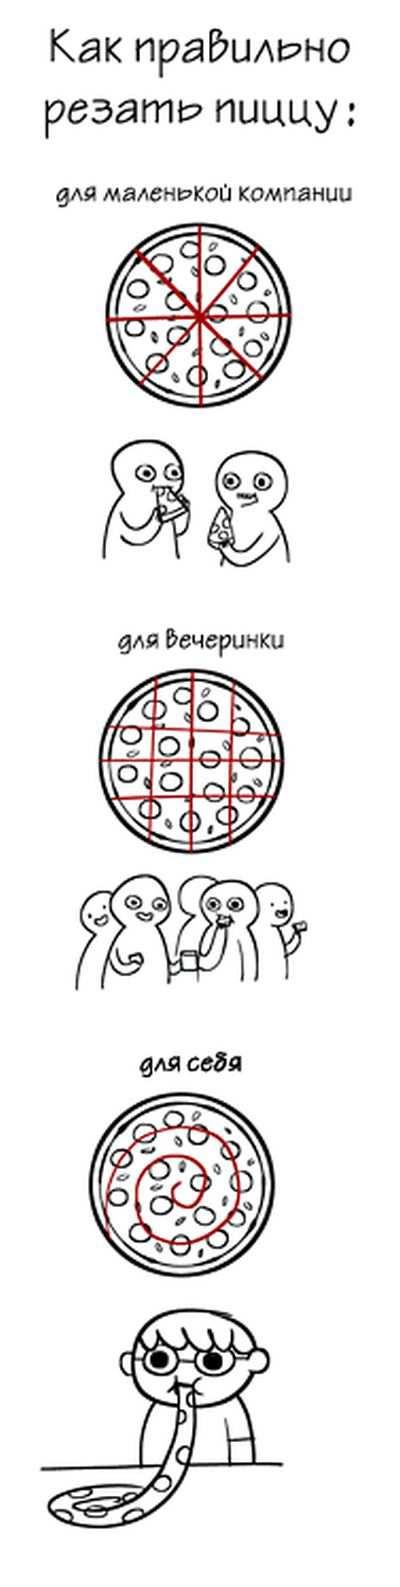 Как правильно резать пиццу